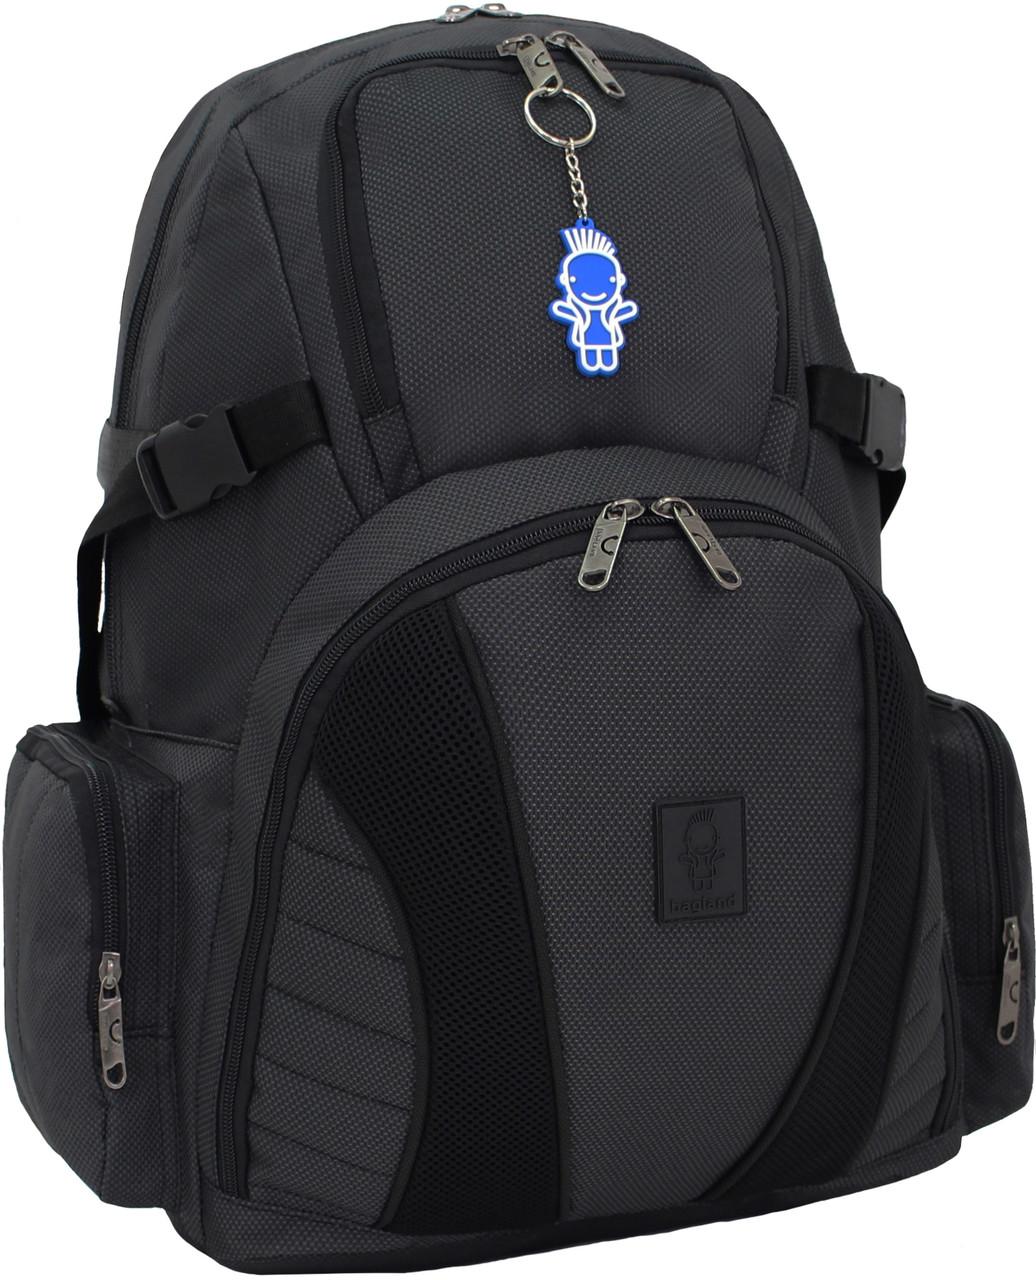 Городской рюкзак туристический Bagland Звезда 35л. черный (в командиро